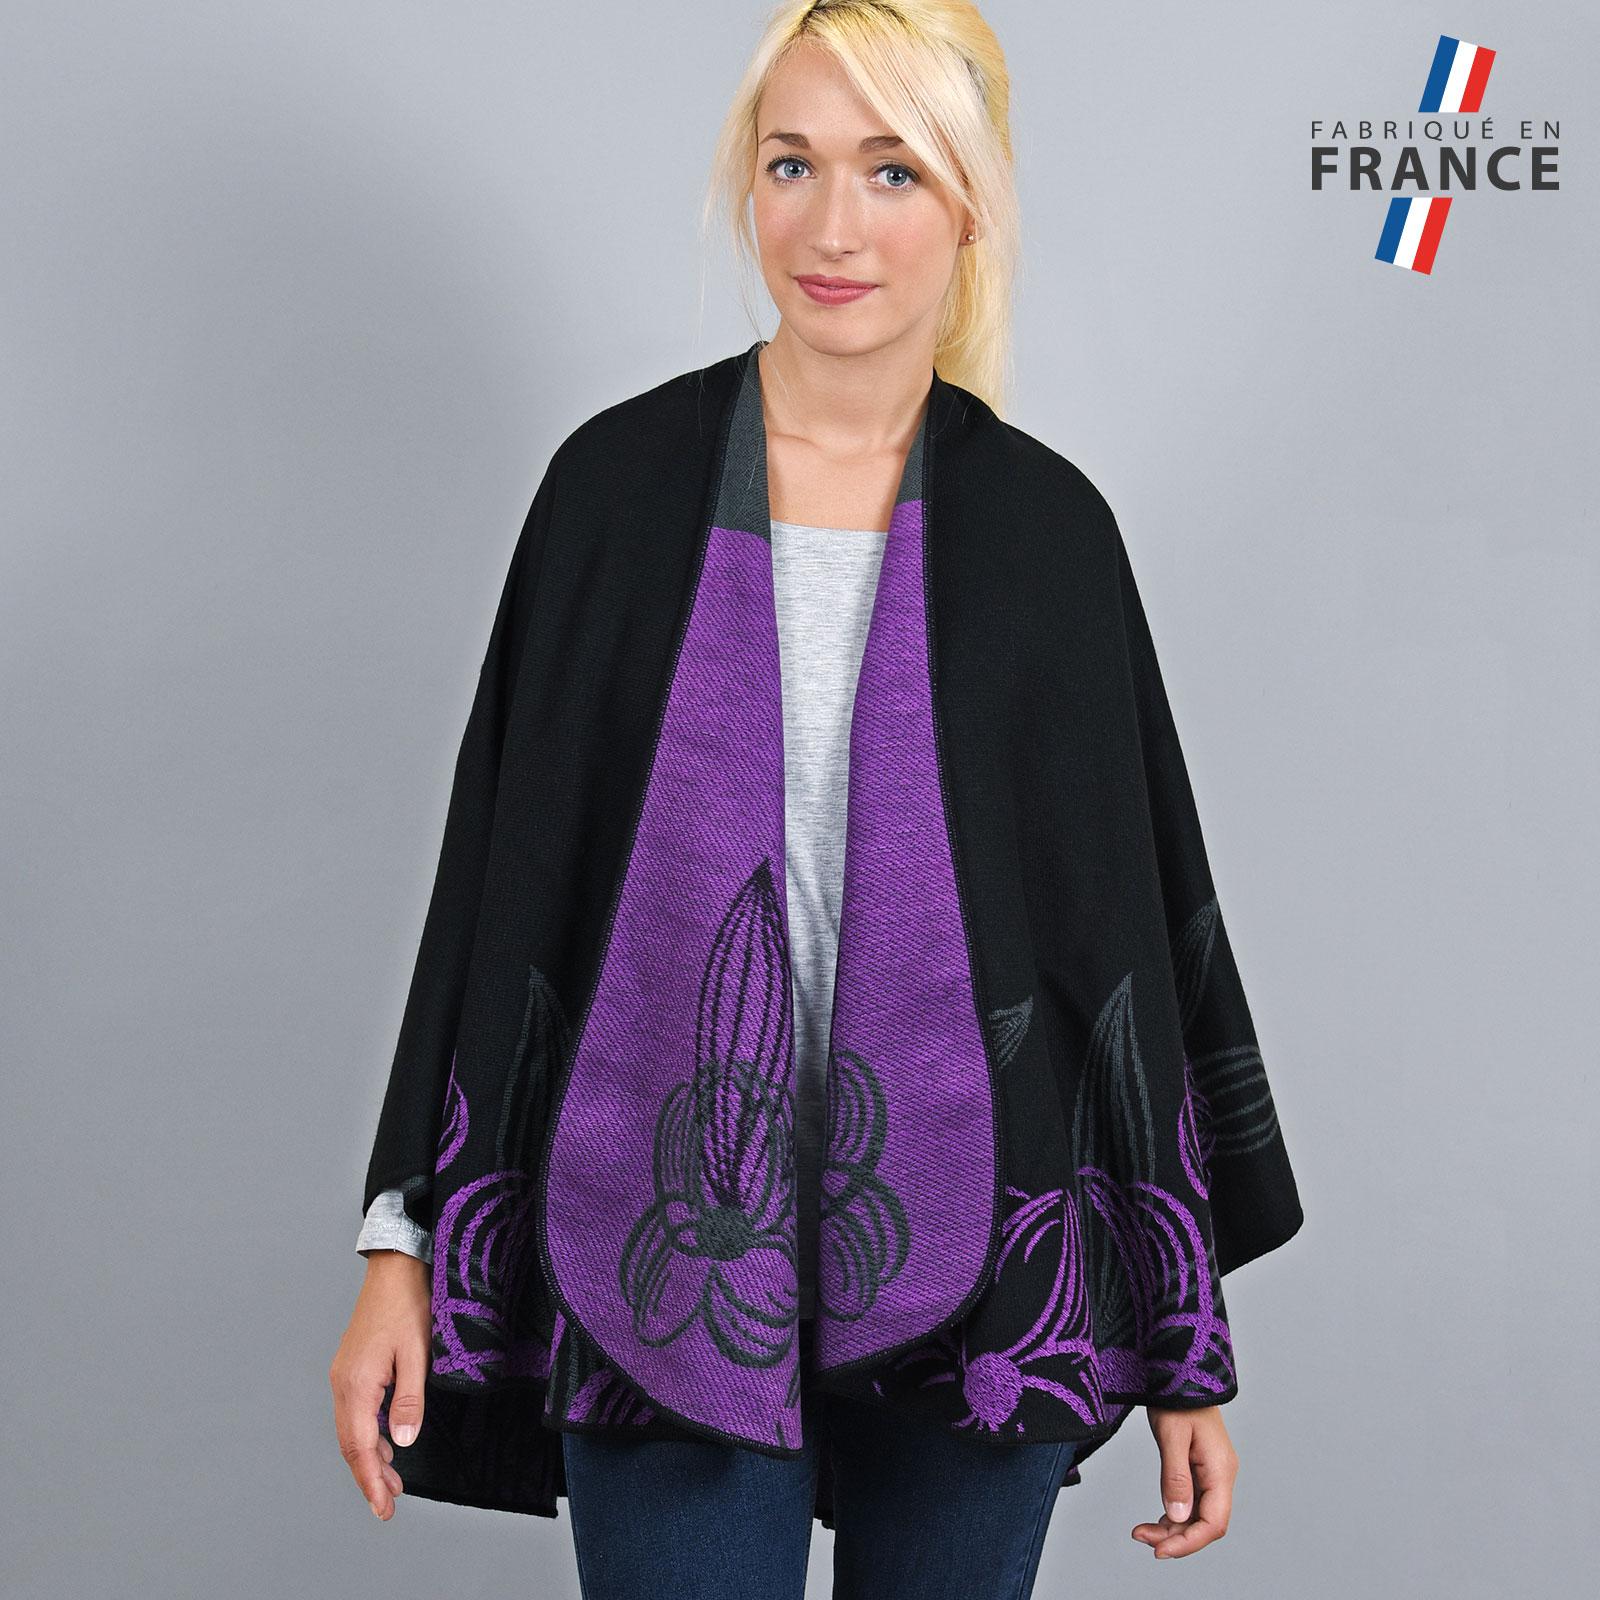 AT-03253-VF16-1-LB_FR-poncho-femme-noir-fleurs-mauve-fabrique-en-france